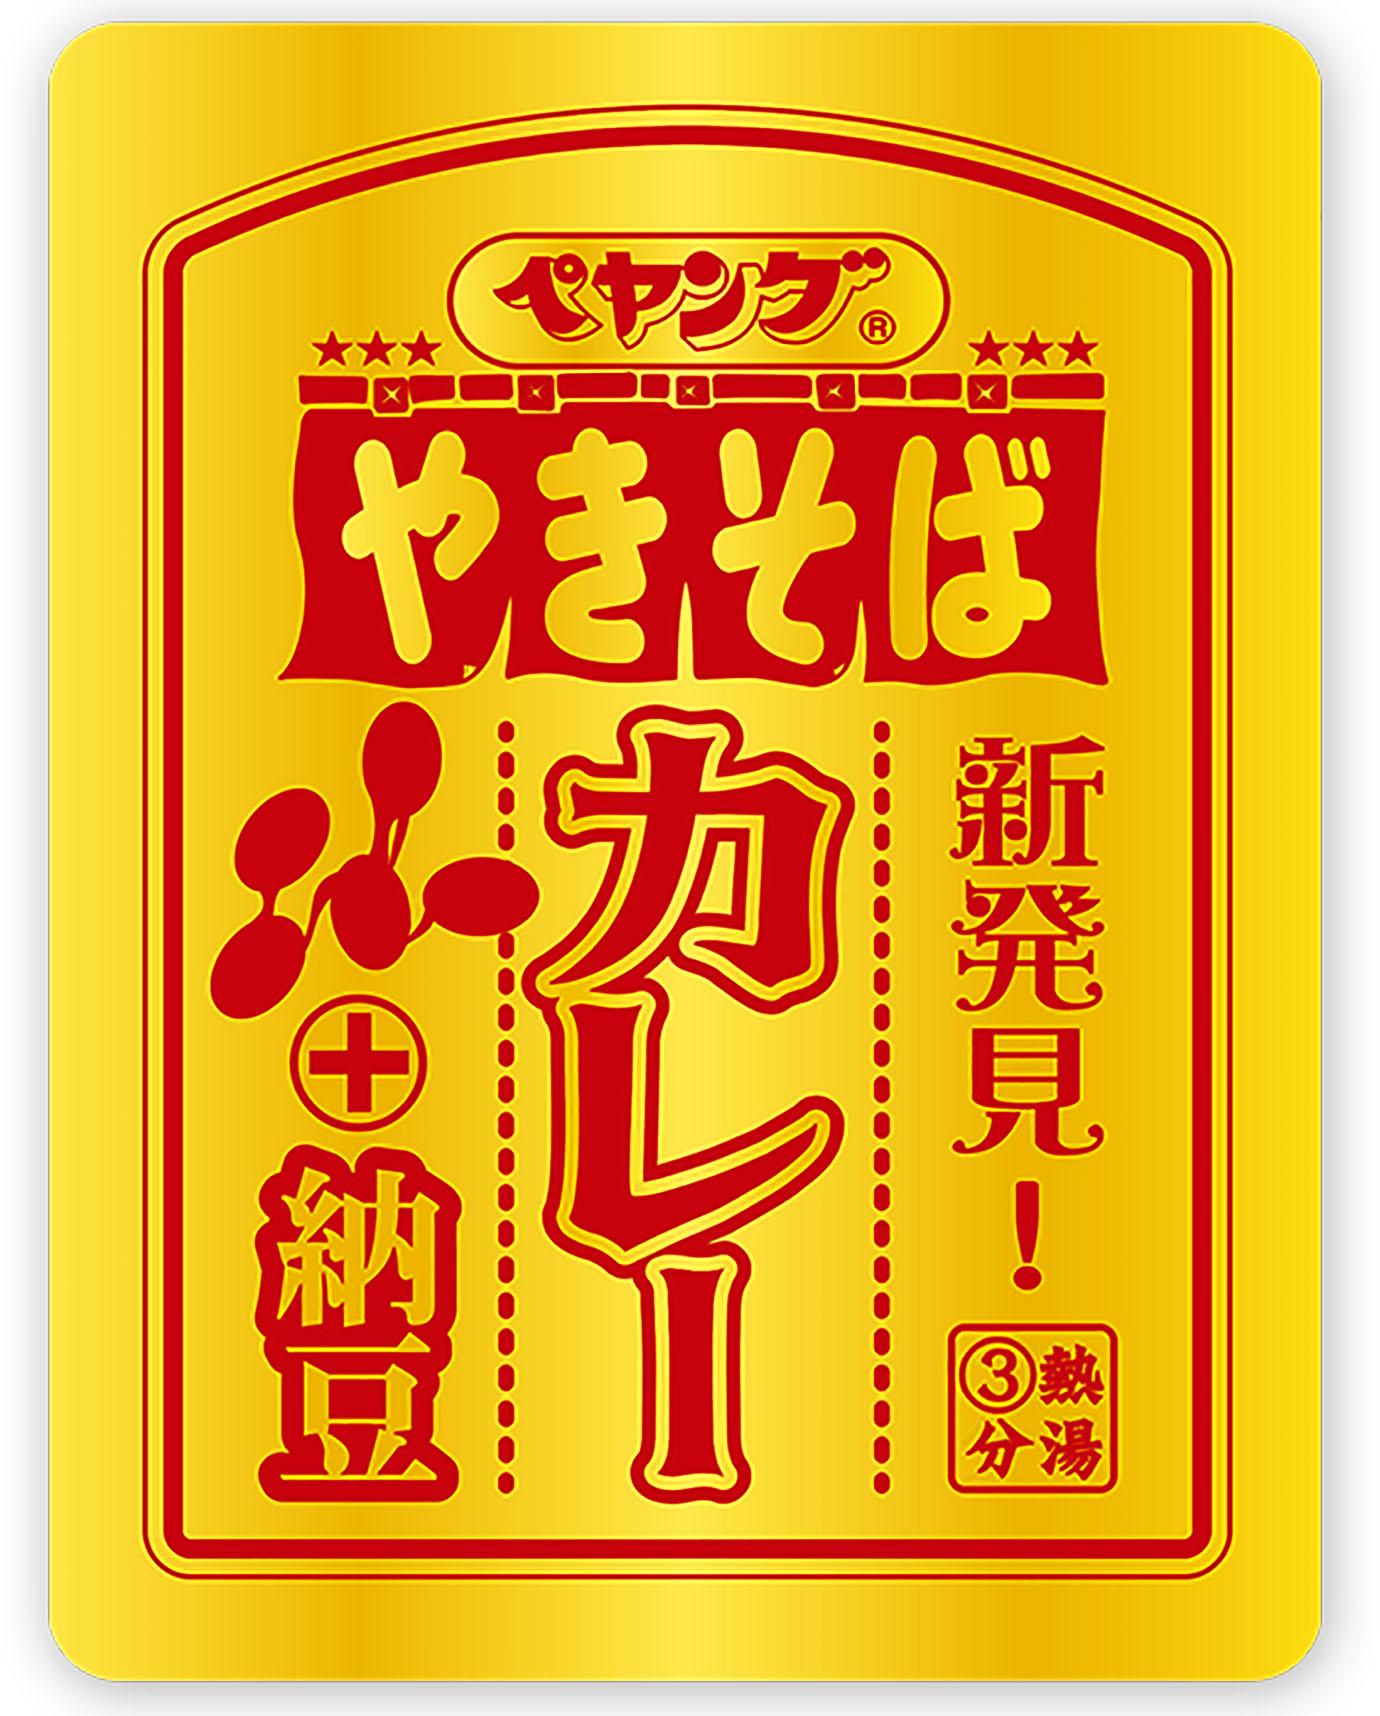 peyoung-curry-natto